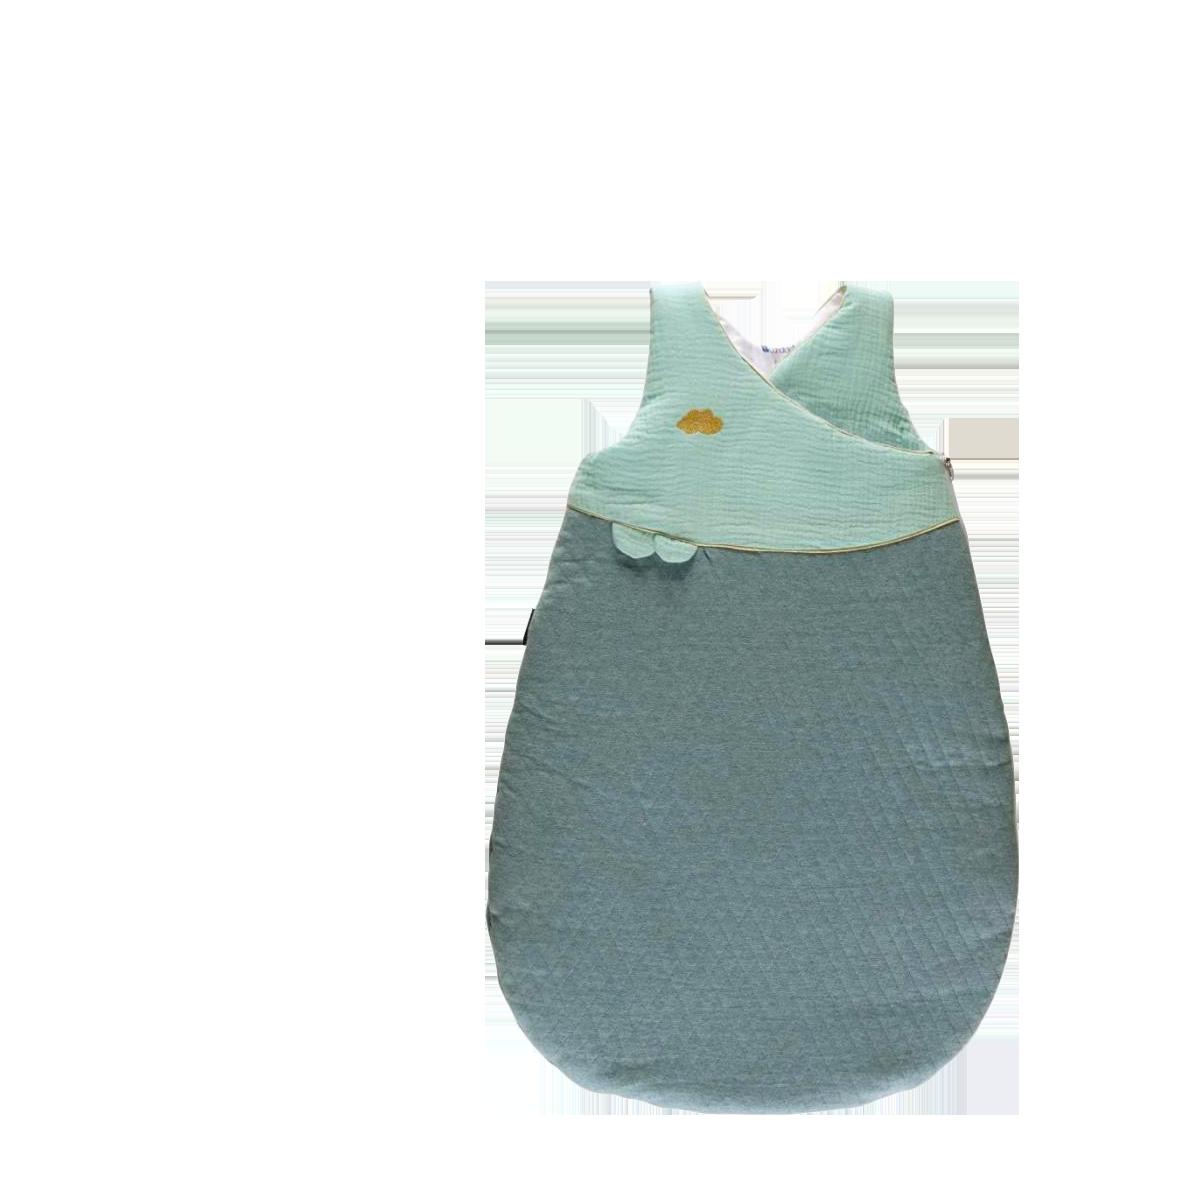 Gigoteuse bébé Douillette naissance 72cm chaude jersey matelassé/lange Vert - Candide